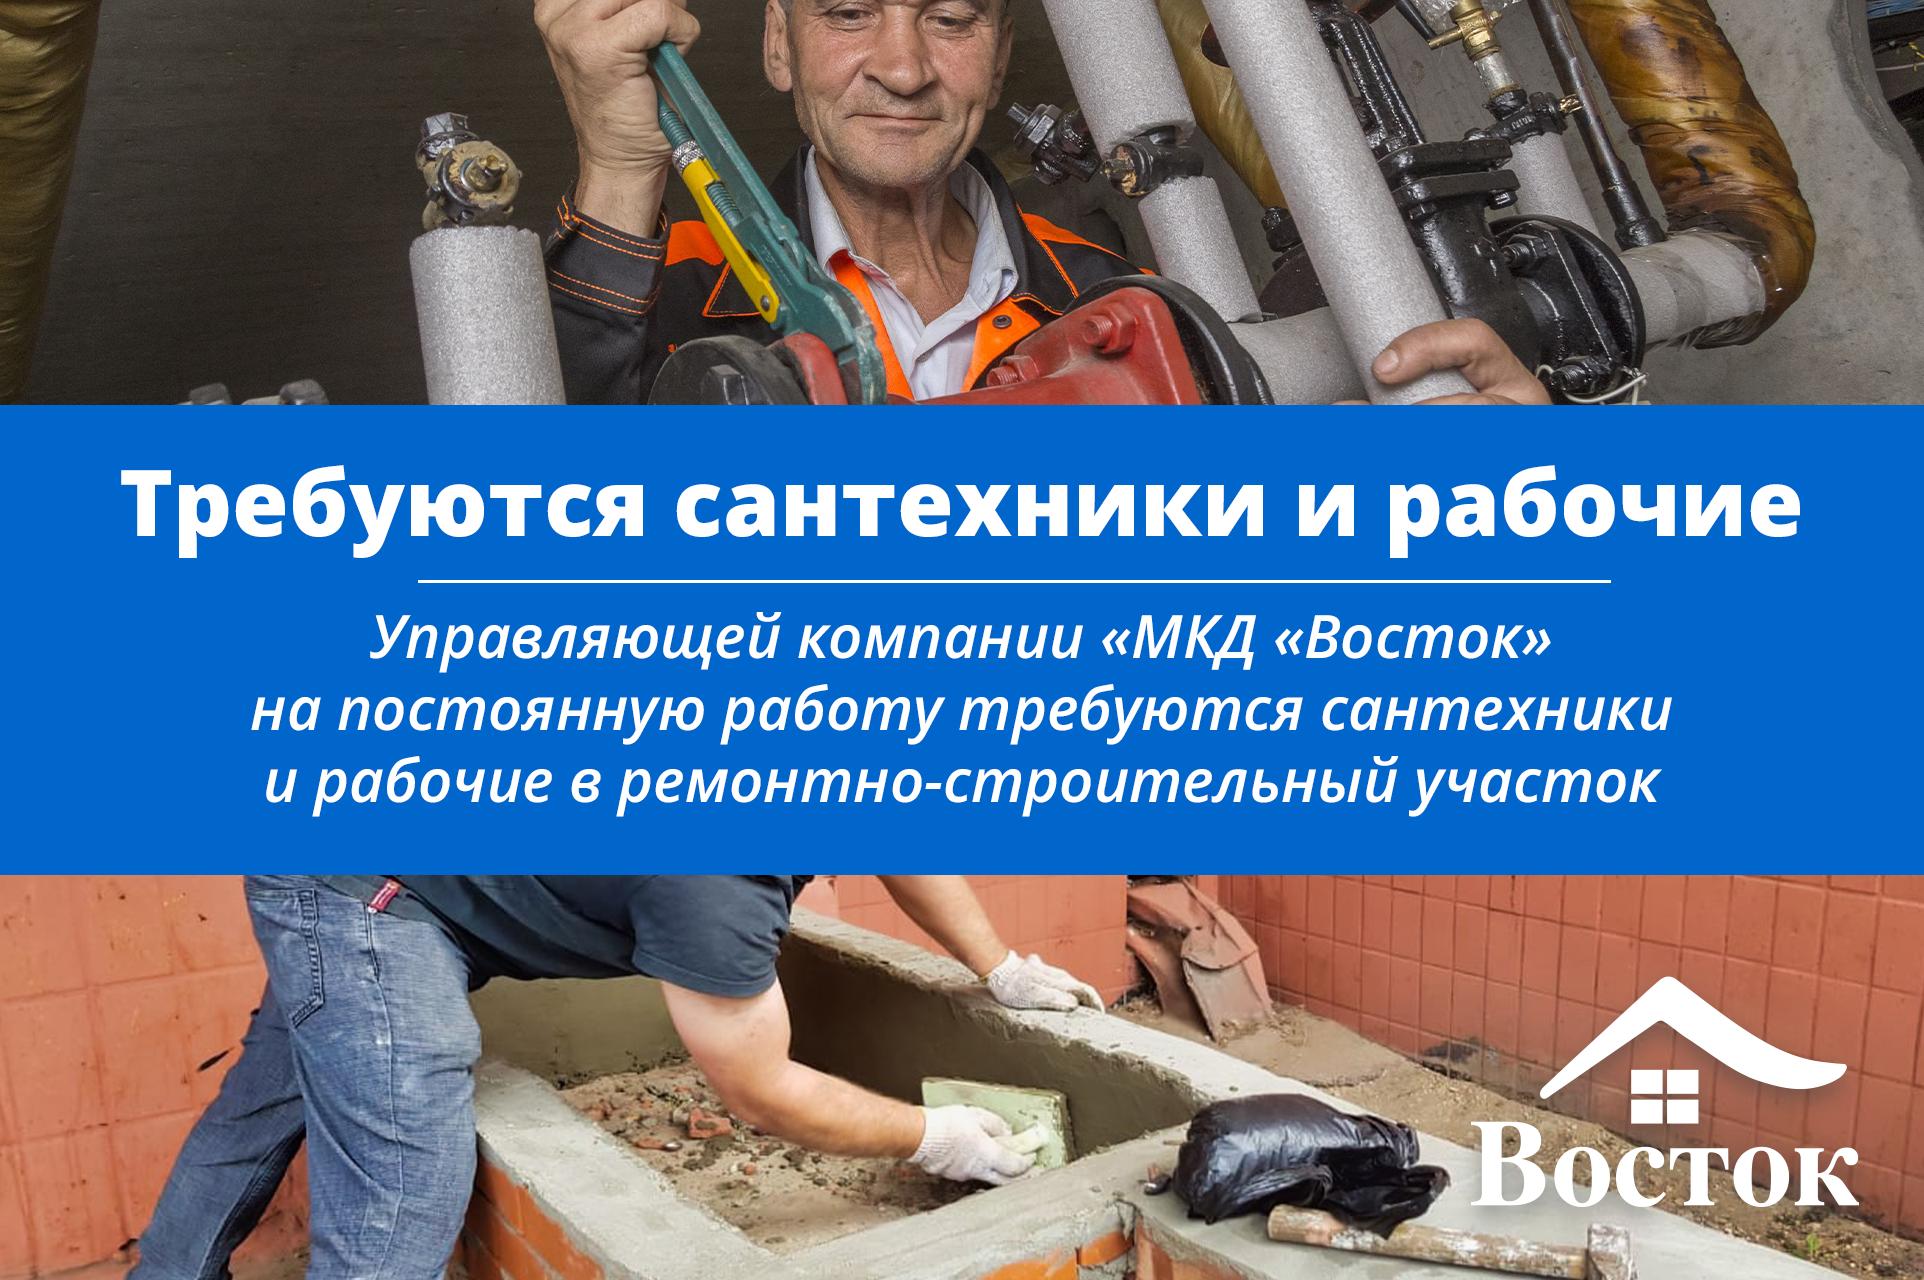 Требуются сантехники и рабочие в ремонтно-строительный участок